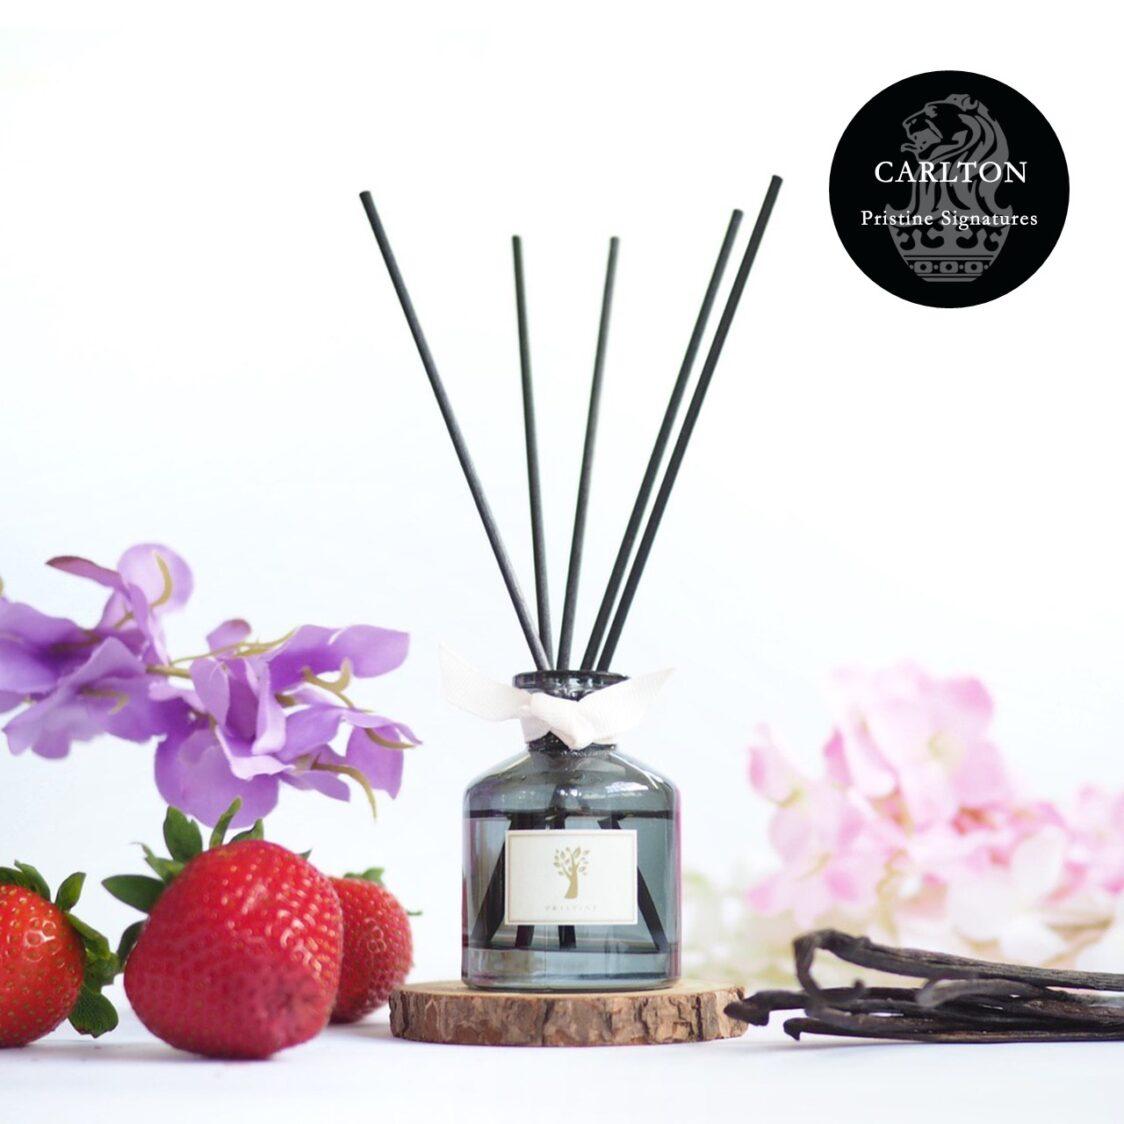 Pristine Aroma Carlton Signature Scent Reed Diffuser 50ml